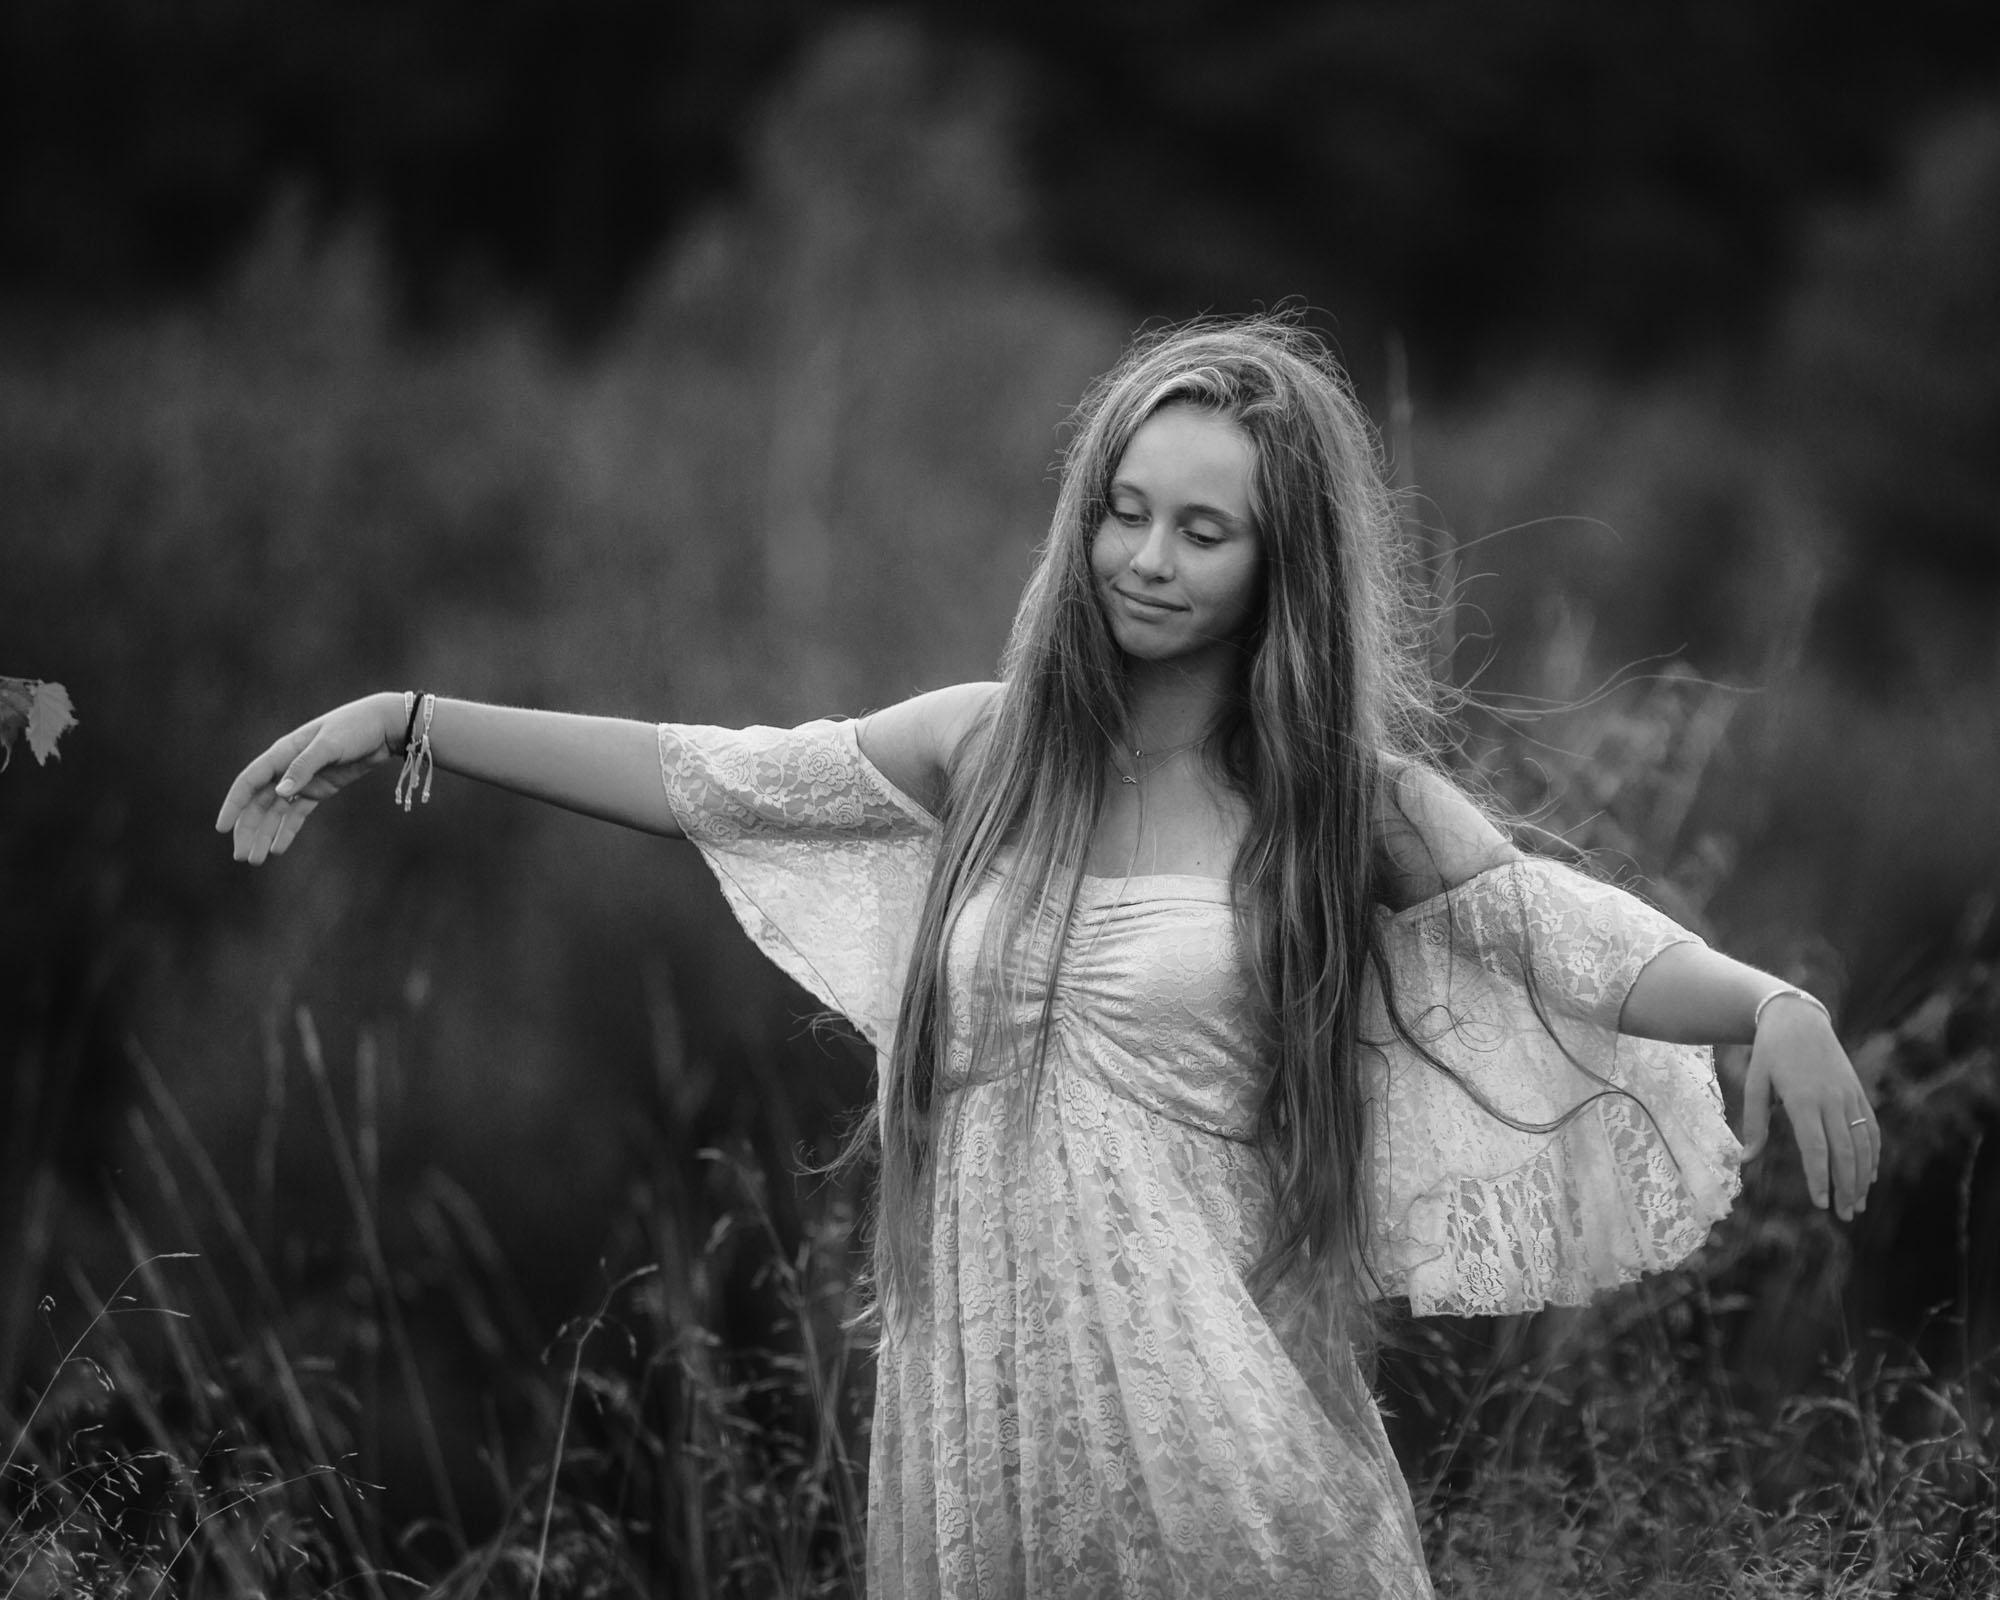 Romantisch zwartwit portret van dansend meisje met lang haar door MayraFotografie